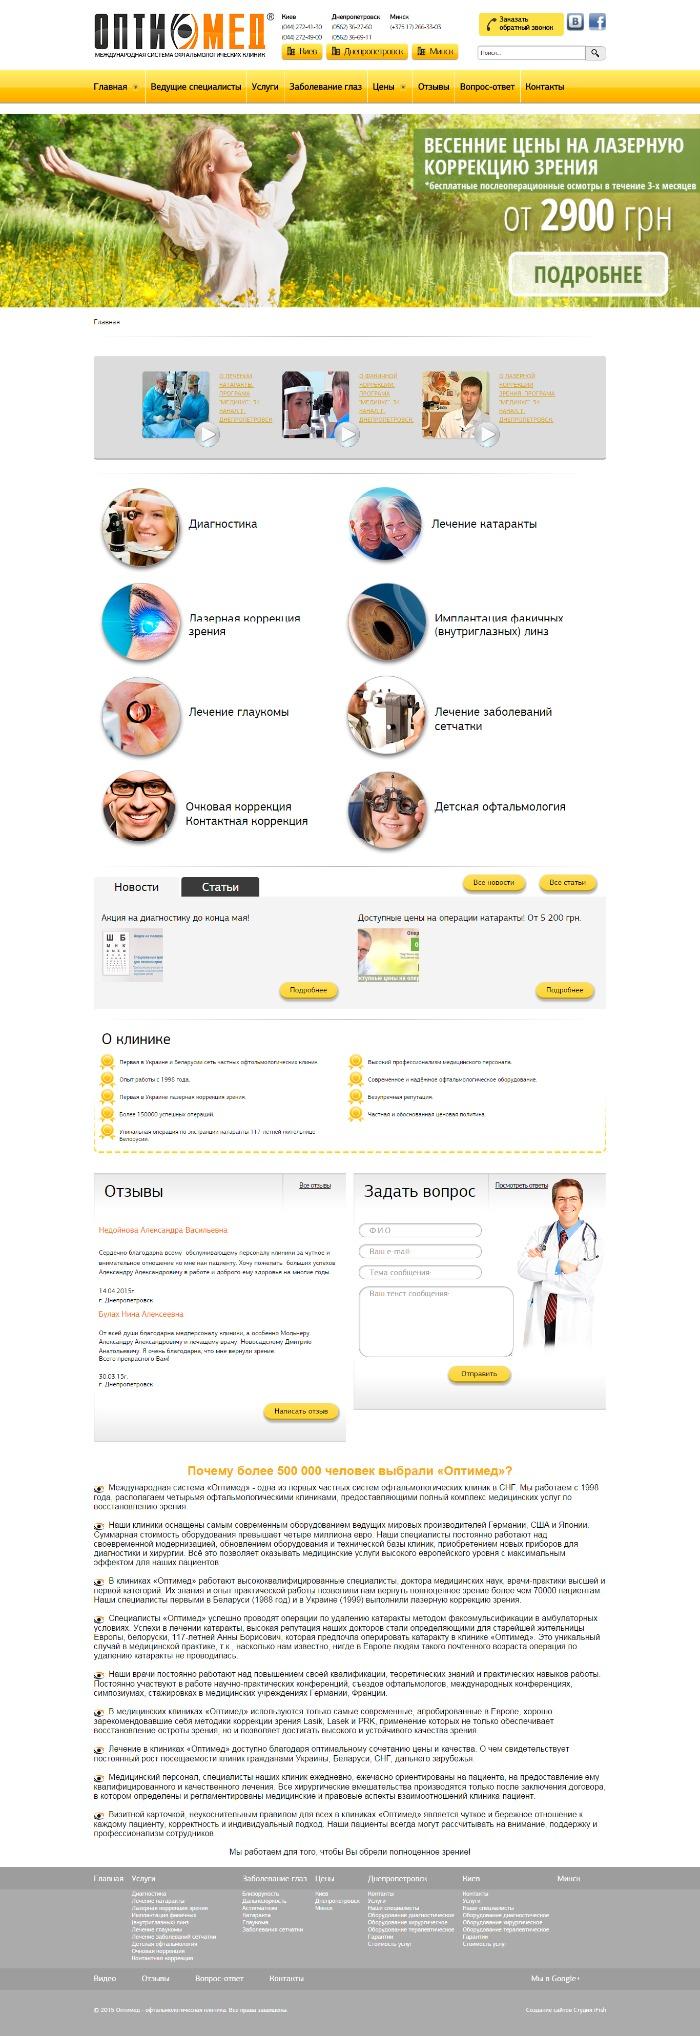 офтальмологическая клиника днепропетровск